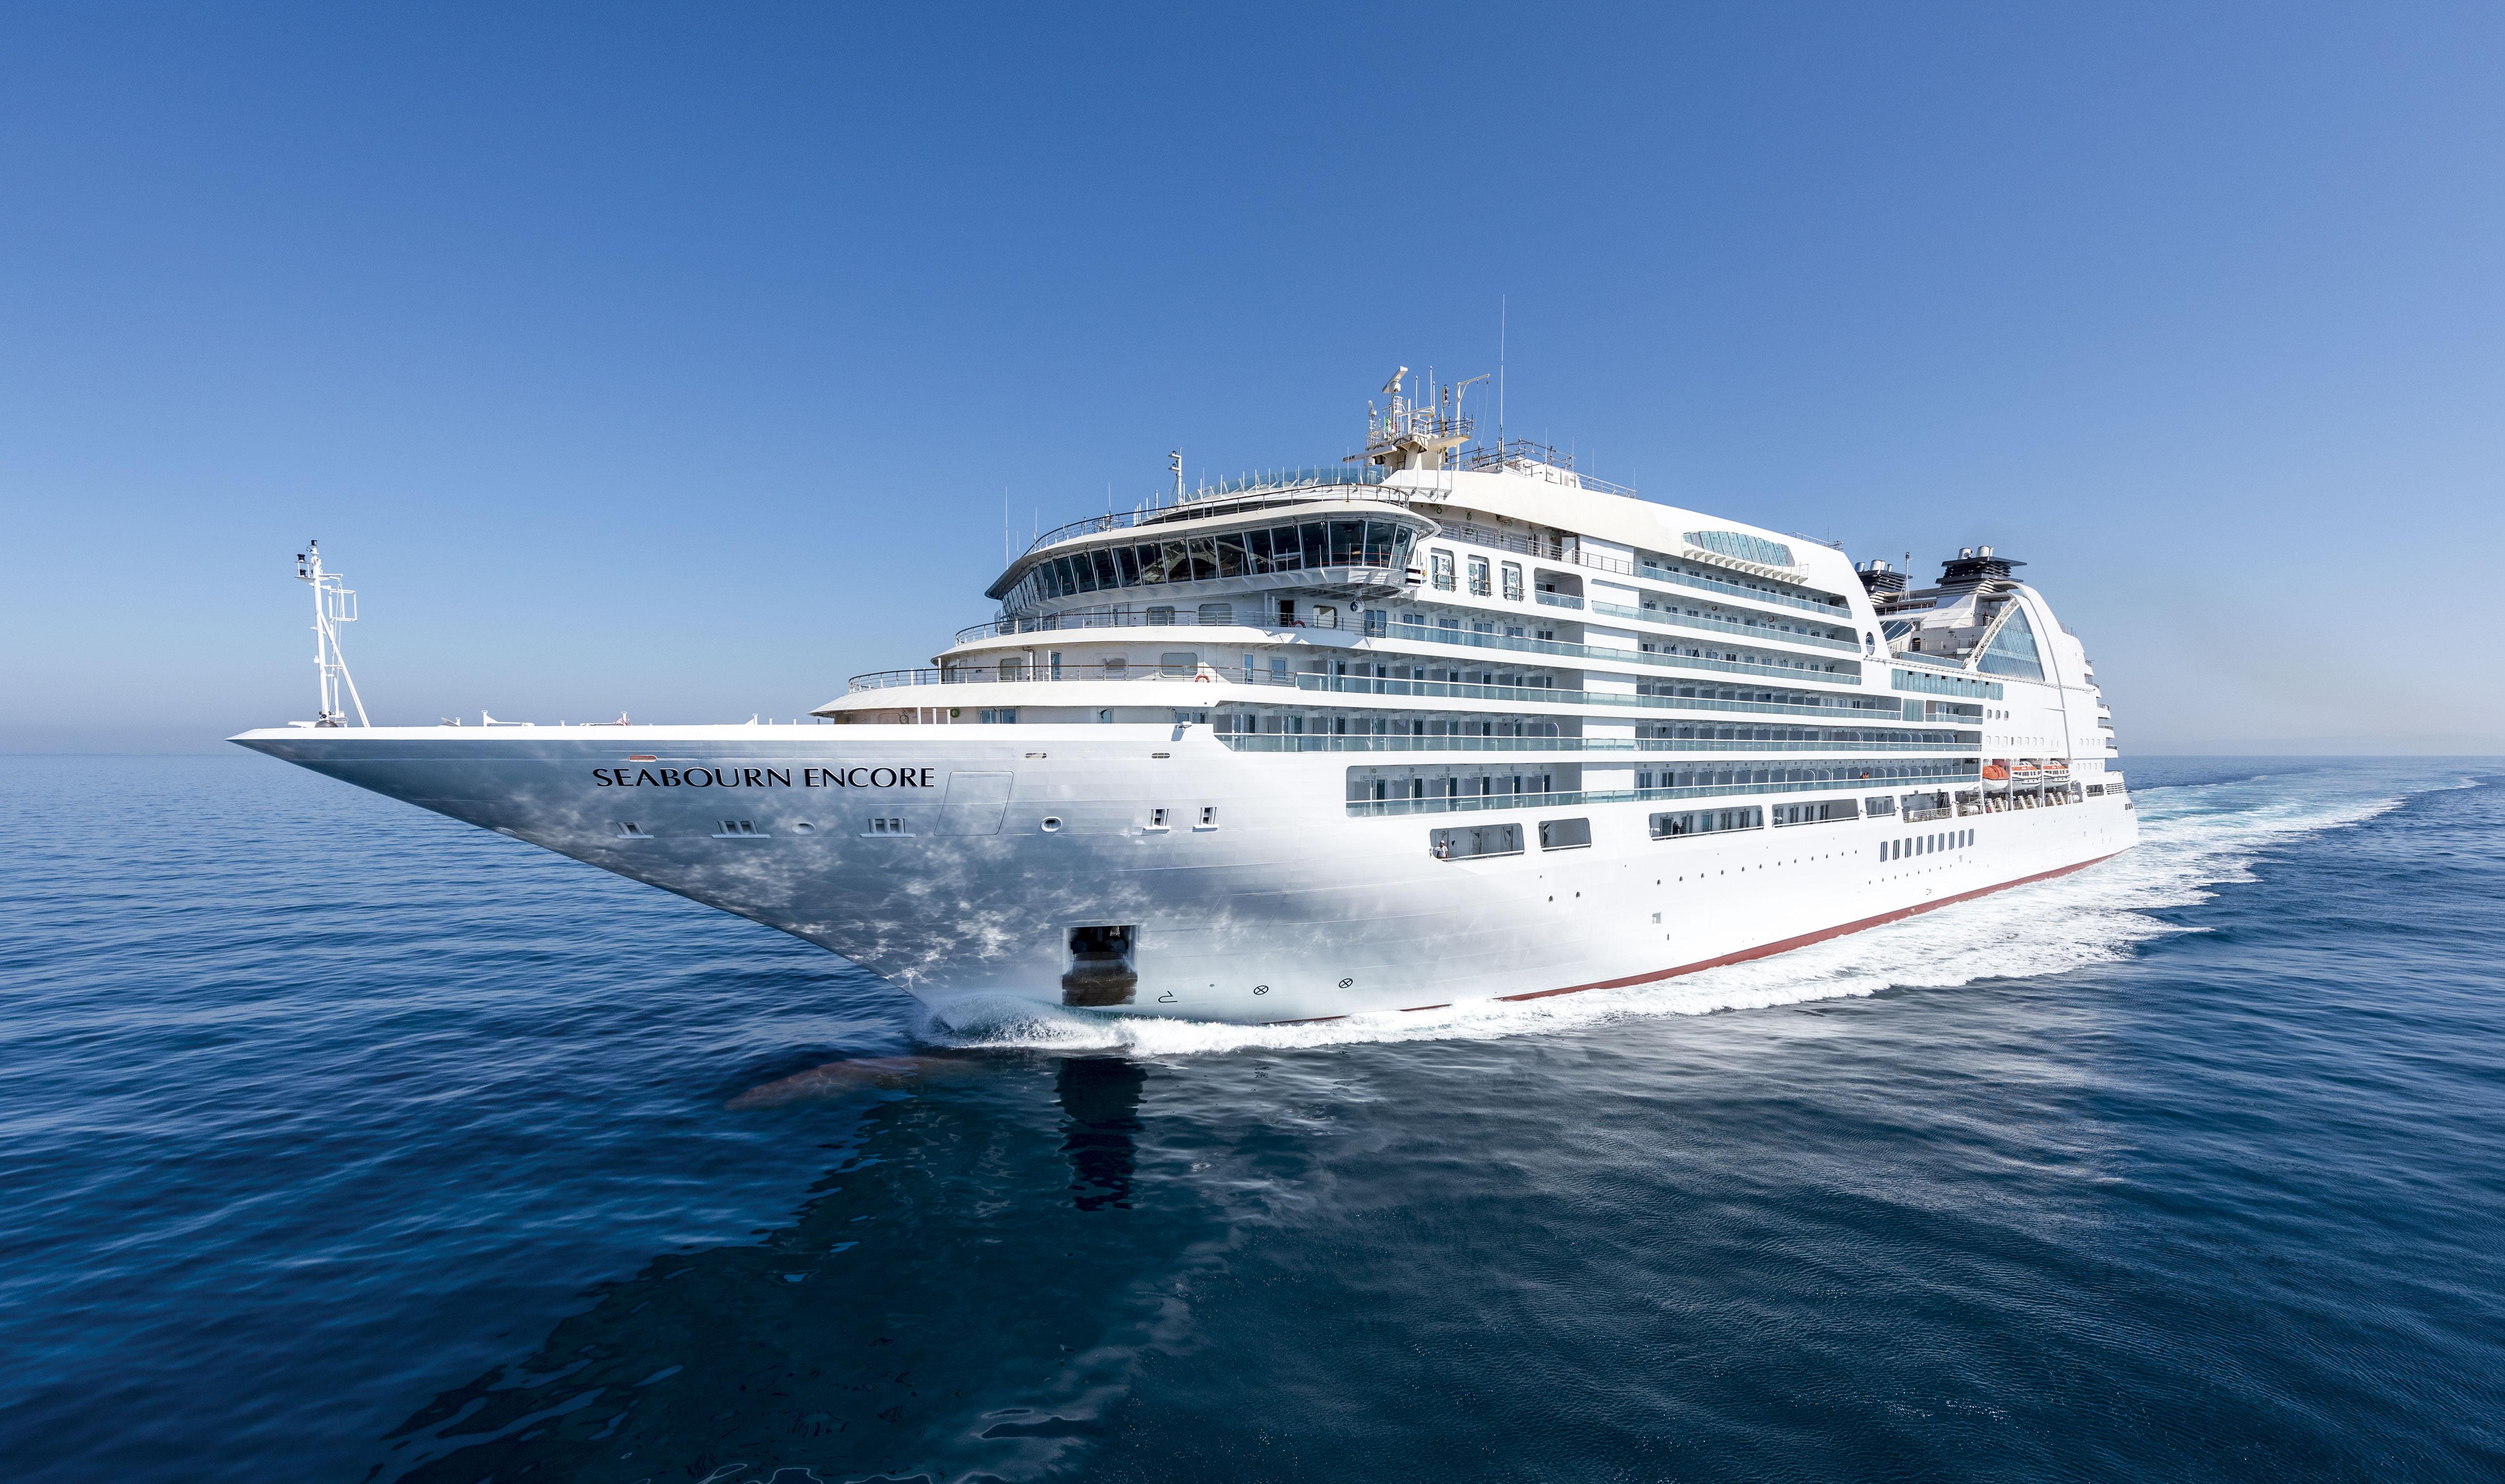 Seabourn Encore fra Fincantieri omtalt i Maritimt Magasin nr. 03-2017. Foto: Seabourn